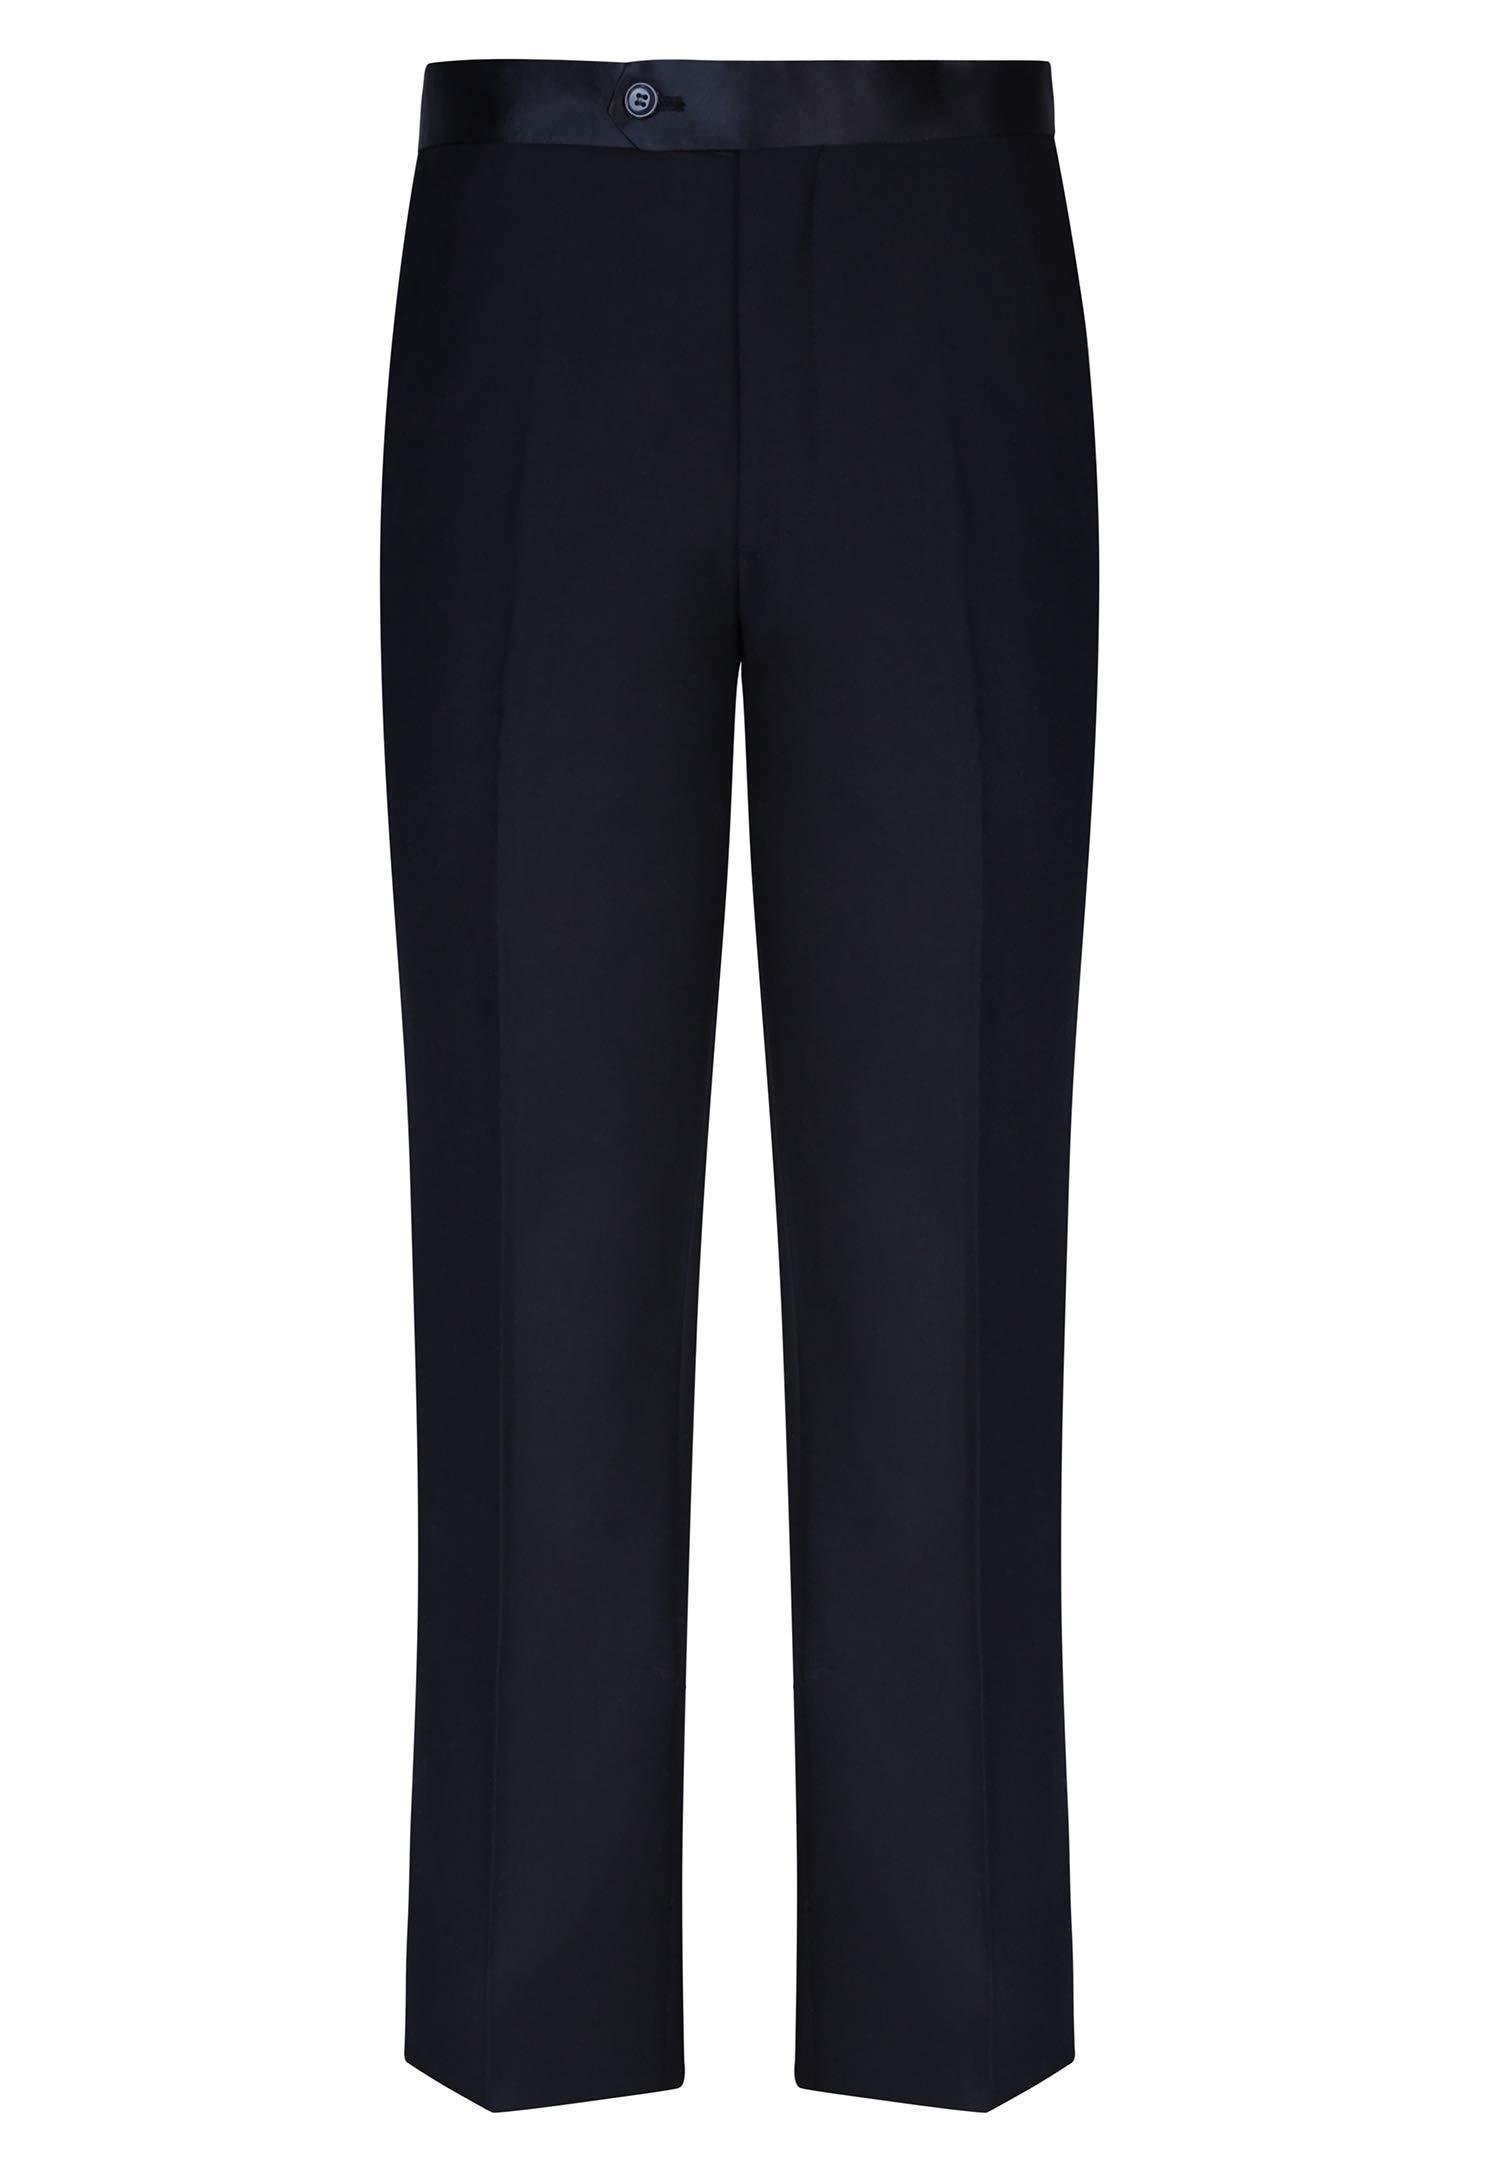 S.H. Churchill & Co. Black Tuxedo Pants - Formal Trousers for Men, Size 38 Black by S.H. Churchill & Co.